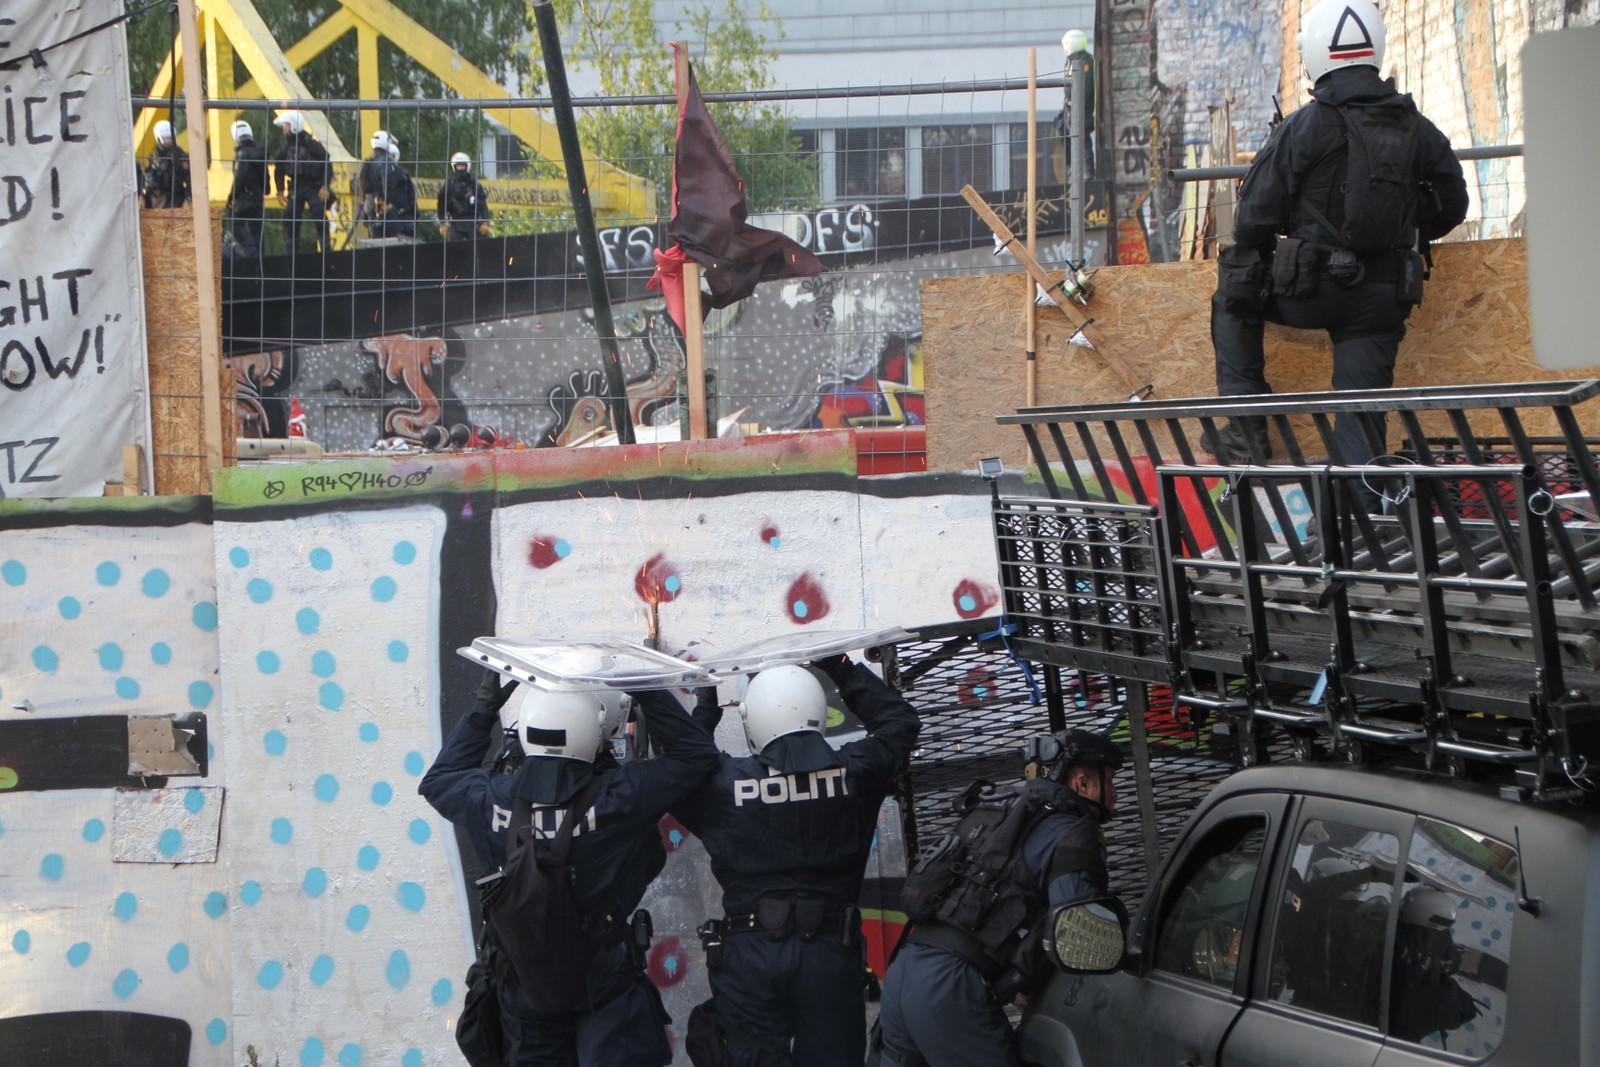 FJERNET OKKUPANTER I HAUSMANNSKVARTALET: Politiet aksjonerte mot Hausmanns gate 42 i 05.30-tiden onsdag morgen. Politiet brøt opp barrikaden, og 14 personer ble fjernet fra stedet.